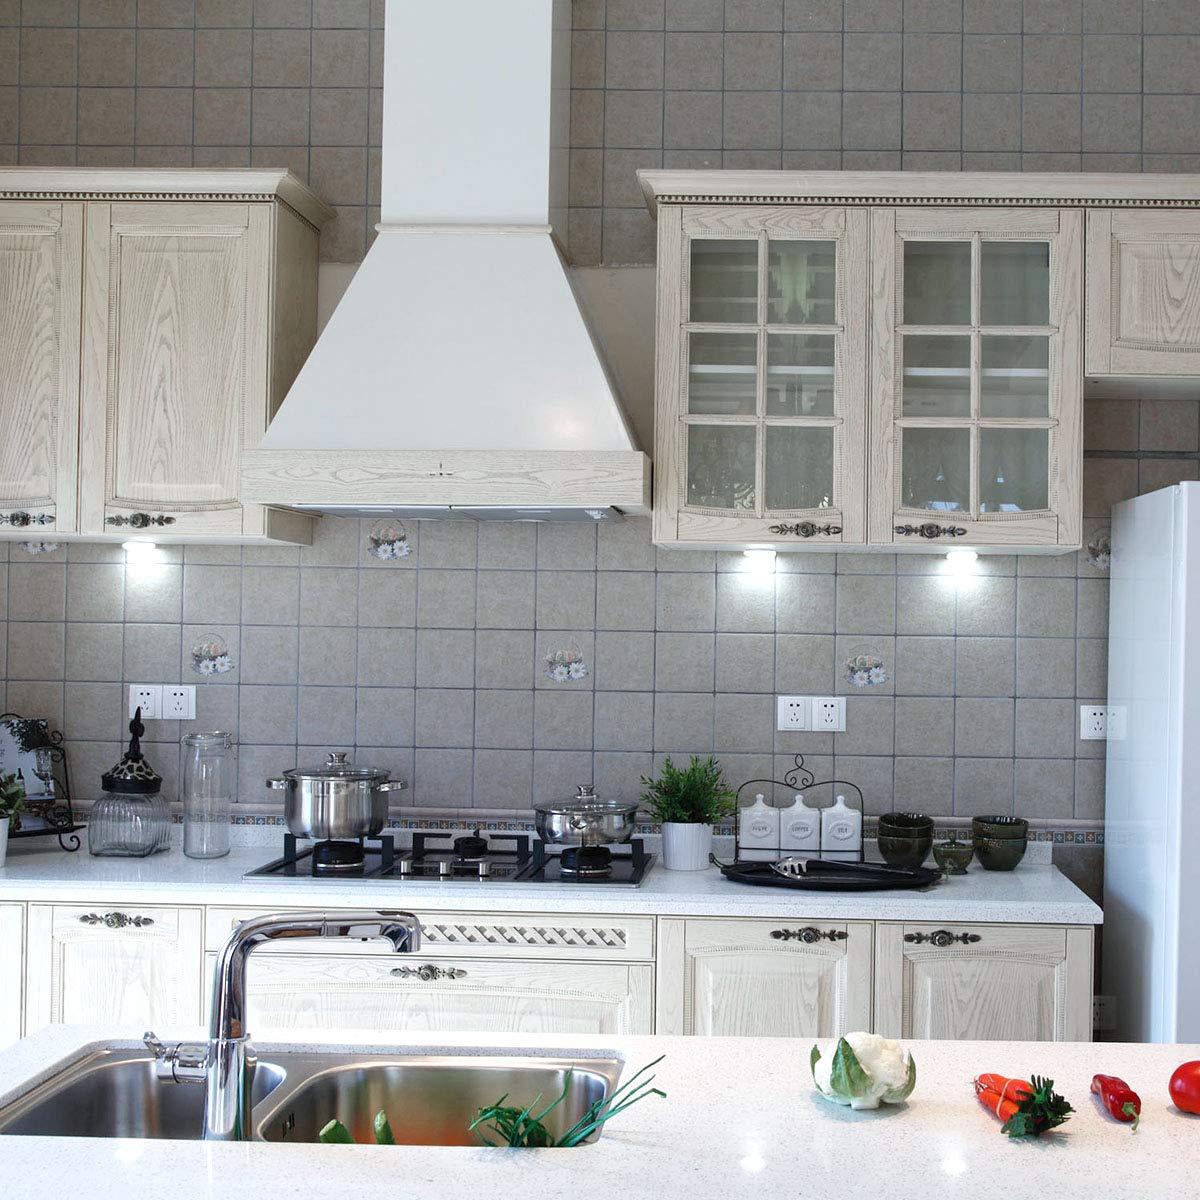 6000K Blanc 40W de Remplacement Incandescent Paquet de 2 Lampe Pour Hotte Aspirante DORESshop E14 T25 LED 4W Ampoule de hotte Ampoule /à Filament Edison